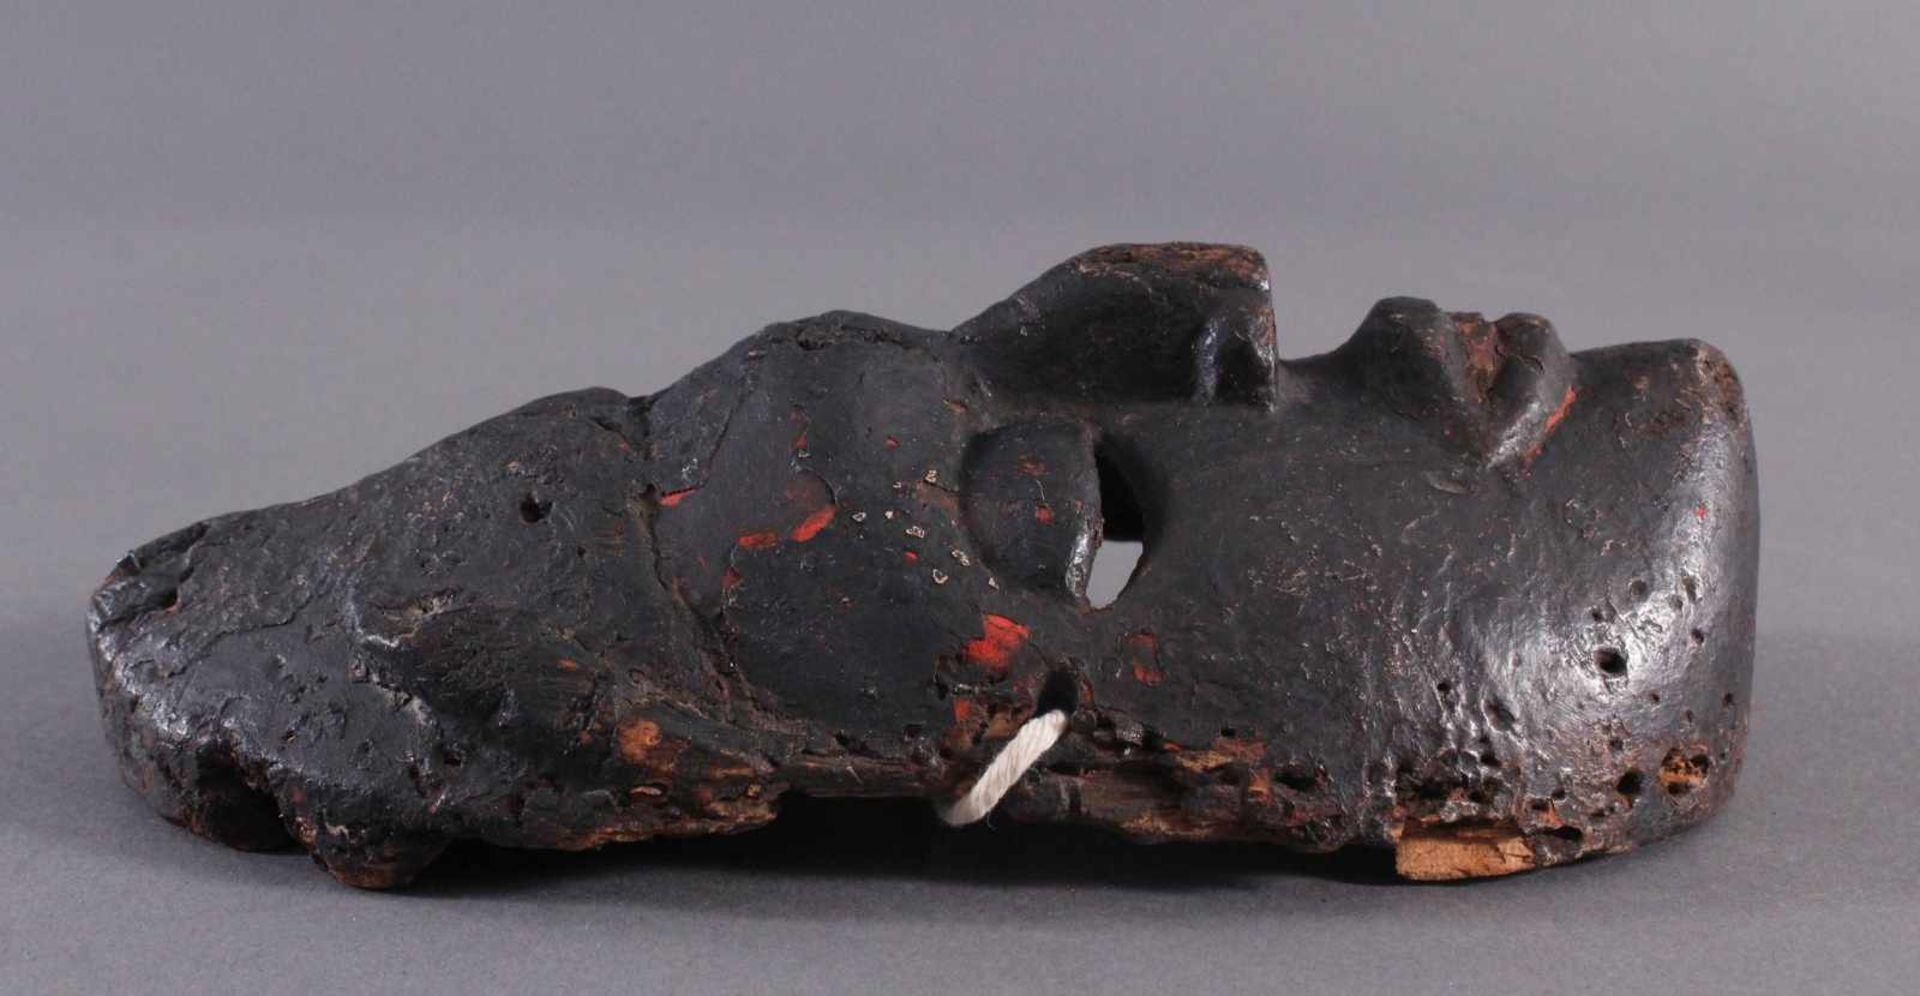 Antike Afrikanische Maske, 1. Hälfte 20. Jh.Braunes Holz, rot bemalt, schwarze Patina mit - Bild 2 aus 6